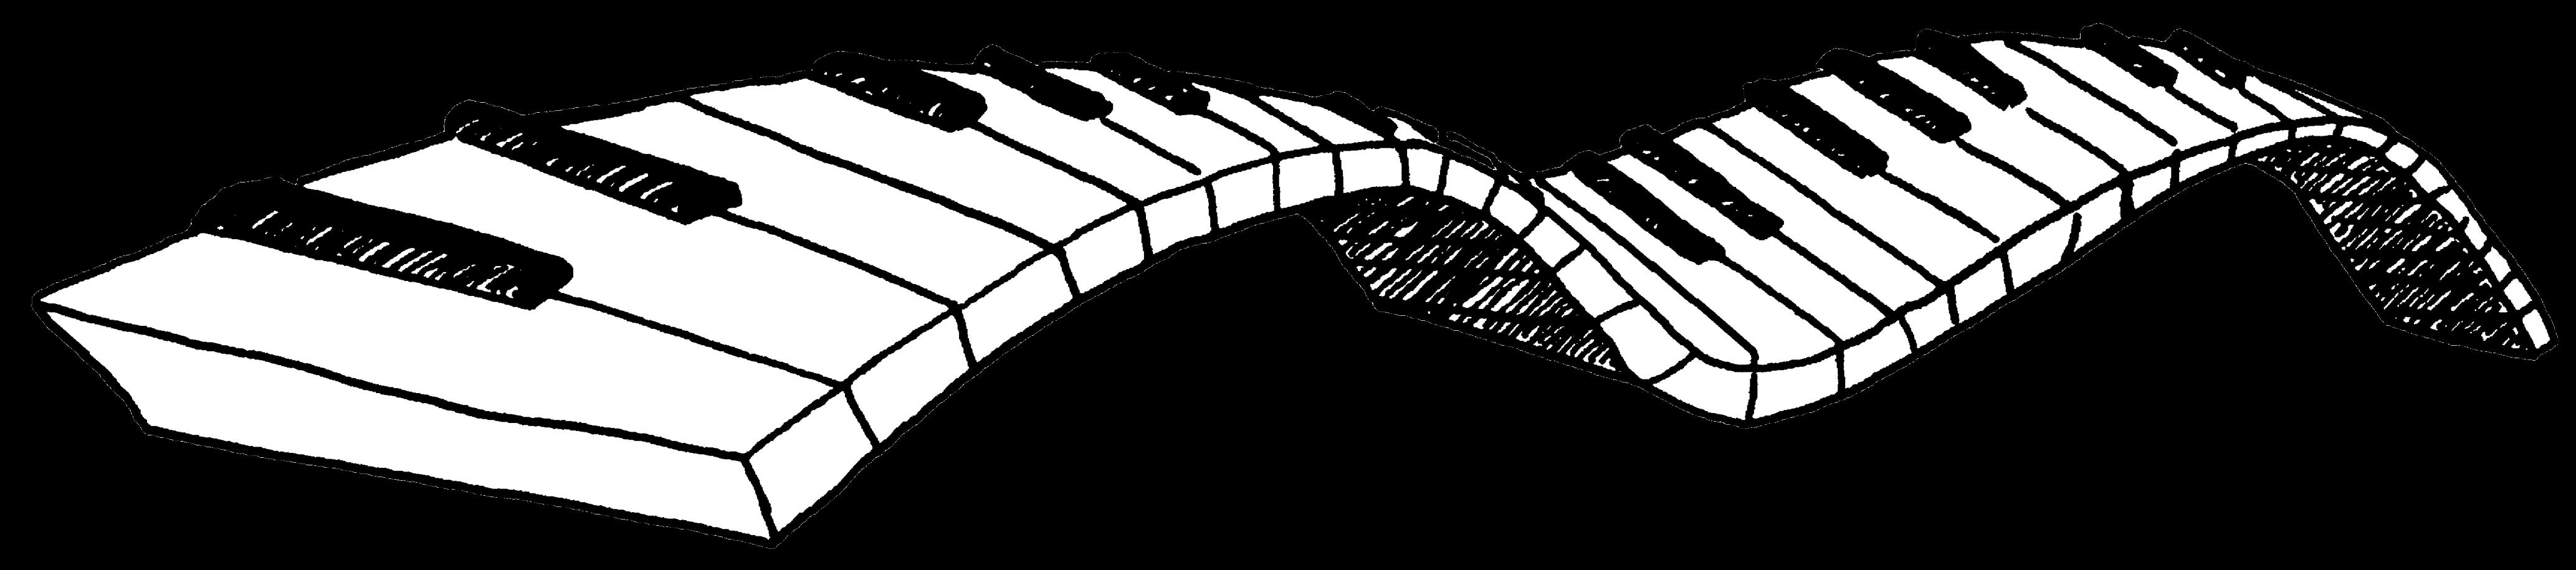 Clipart piano piano bar, Clipart piano piano bar Transparent.